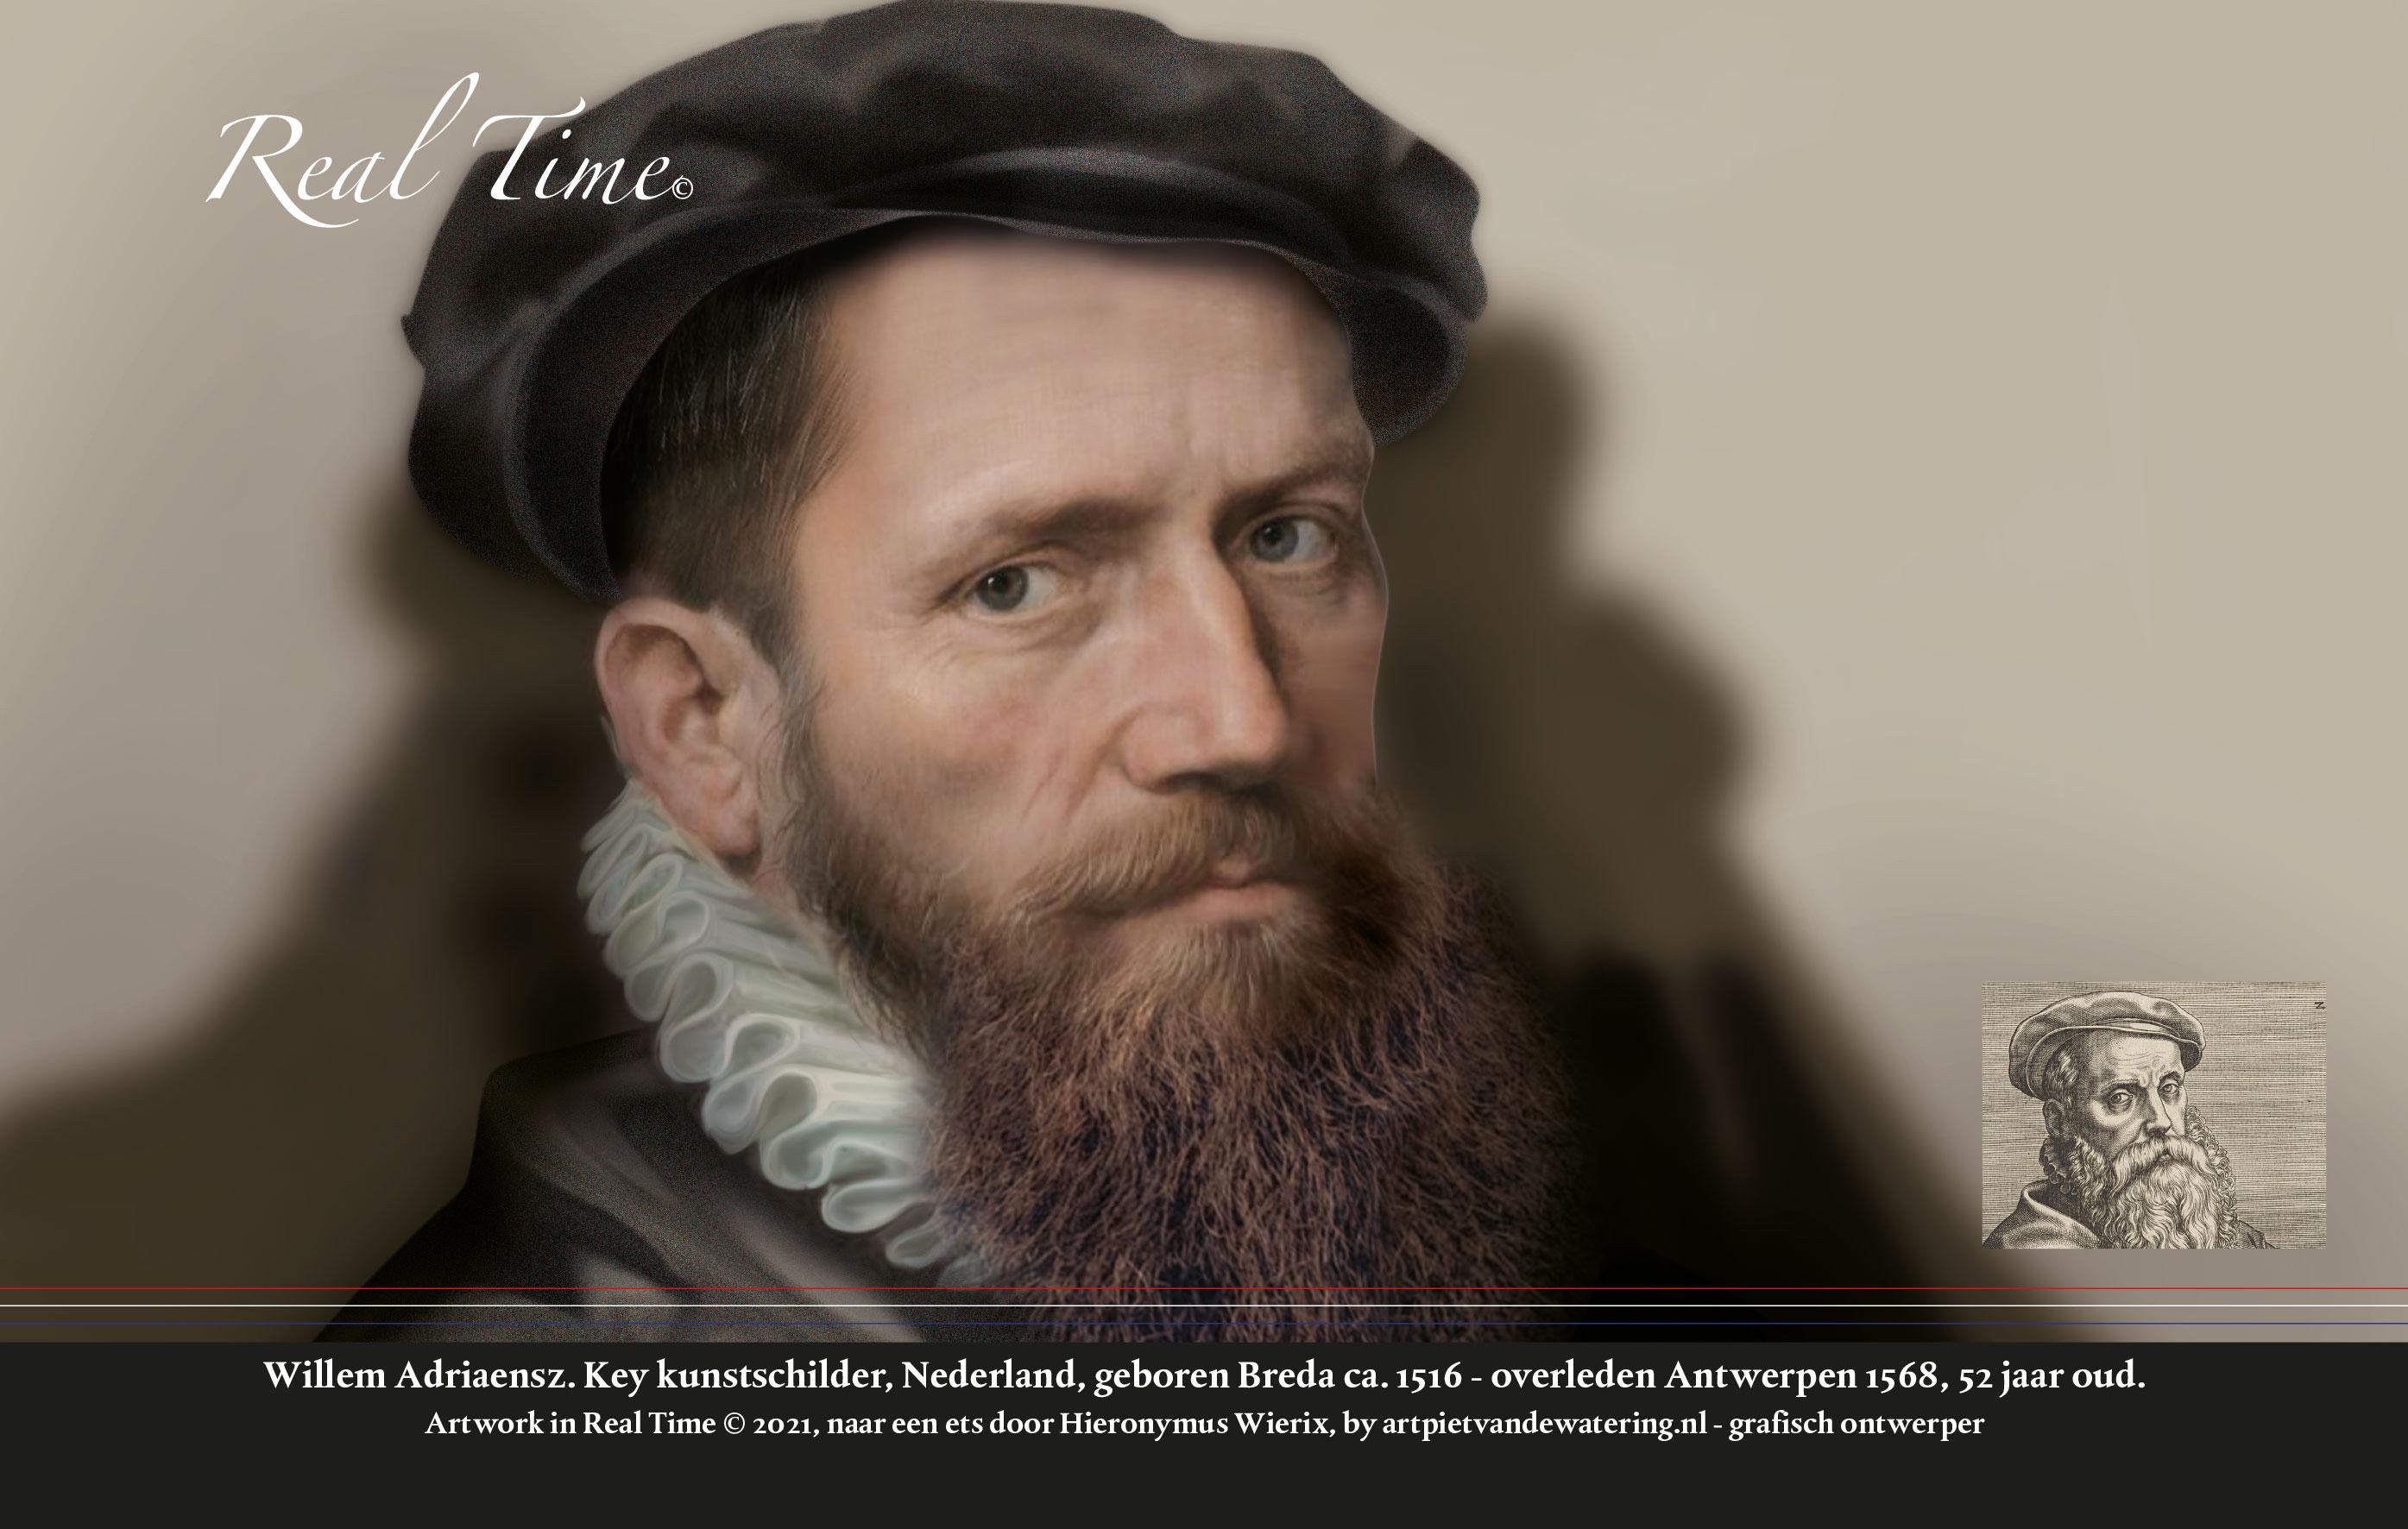 Willem-Adriaensz-Key-1516-1568